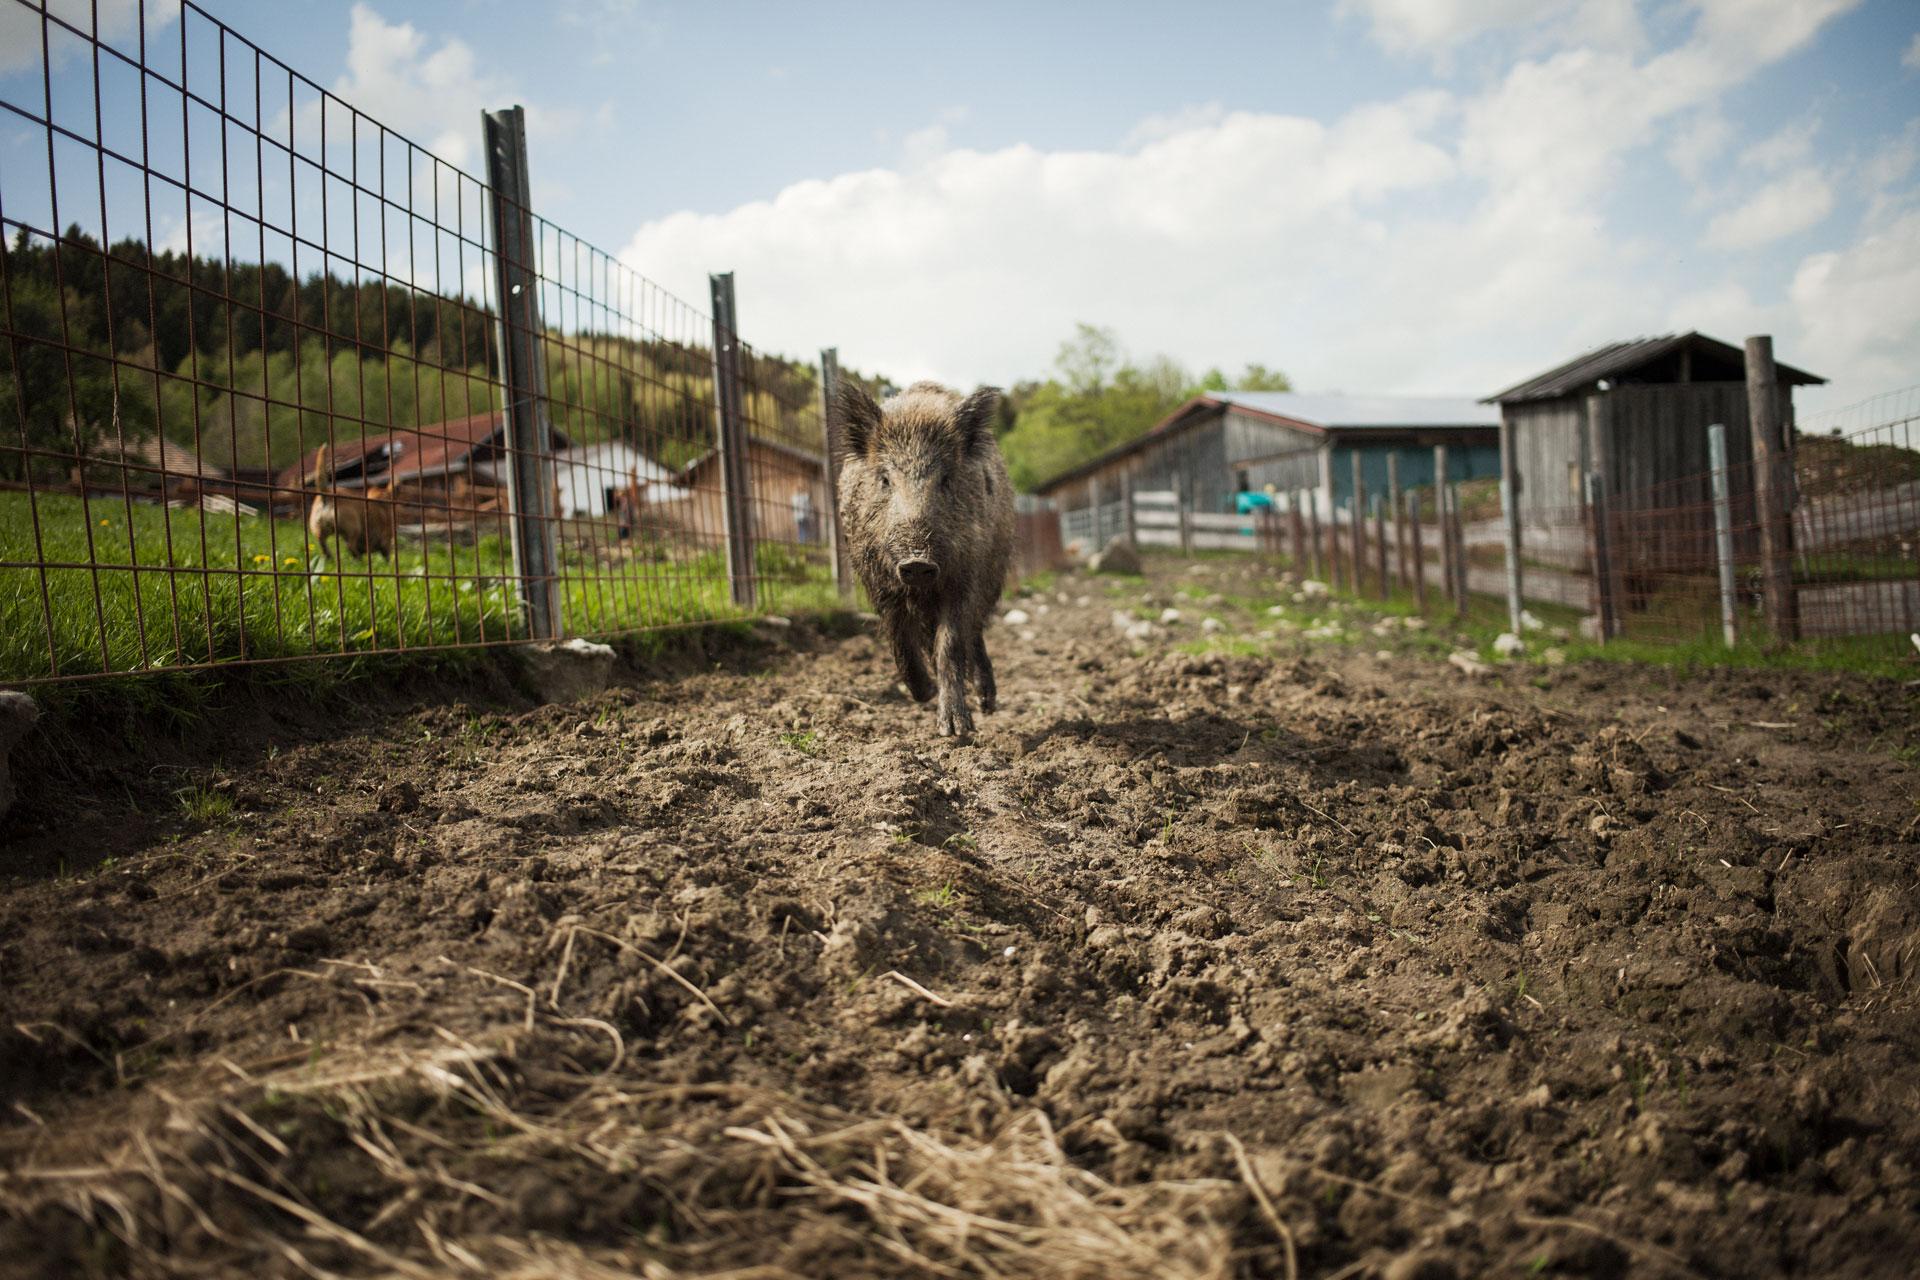 timo-stammberger-photography-fotografie-animals-wild-hog-wildschwein-nature-erdlingshof-mitgefuehl-vegan-compassion